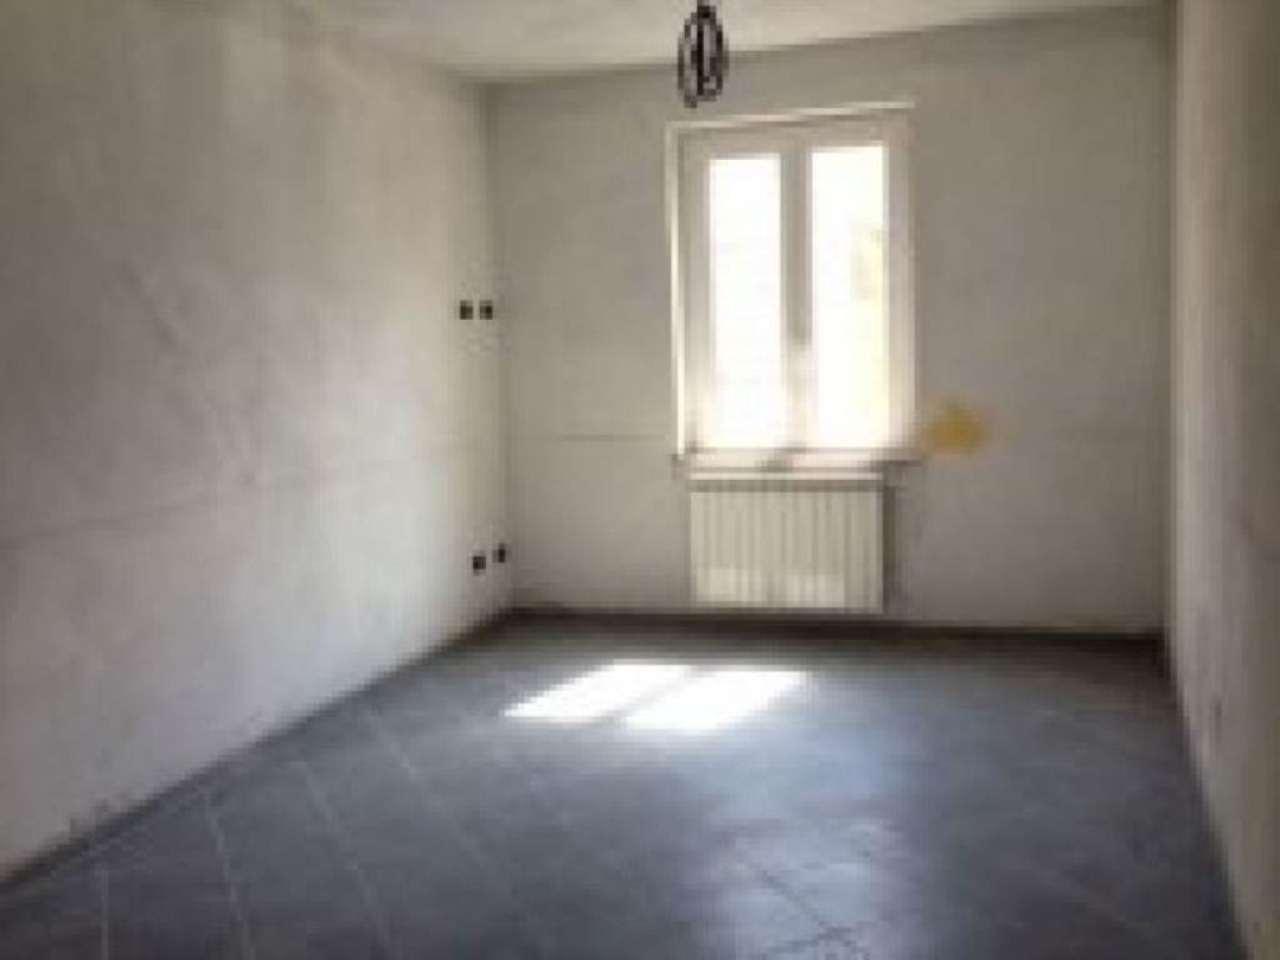 Appartamento in vendita a Uscio, 4 locali, prezzo € 110.000 | Cambio Casa.it